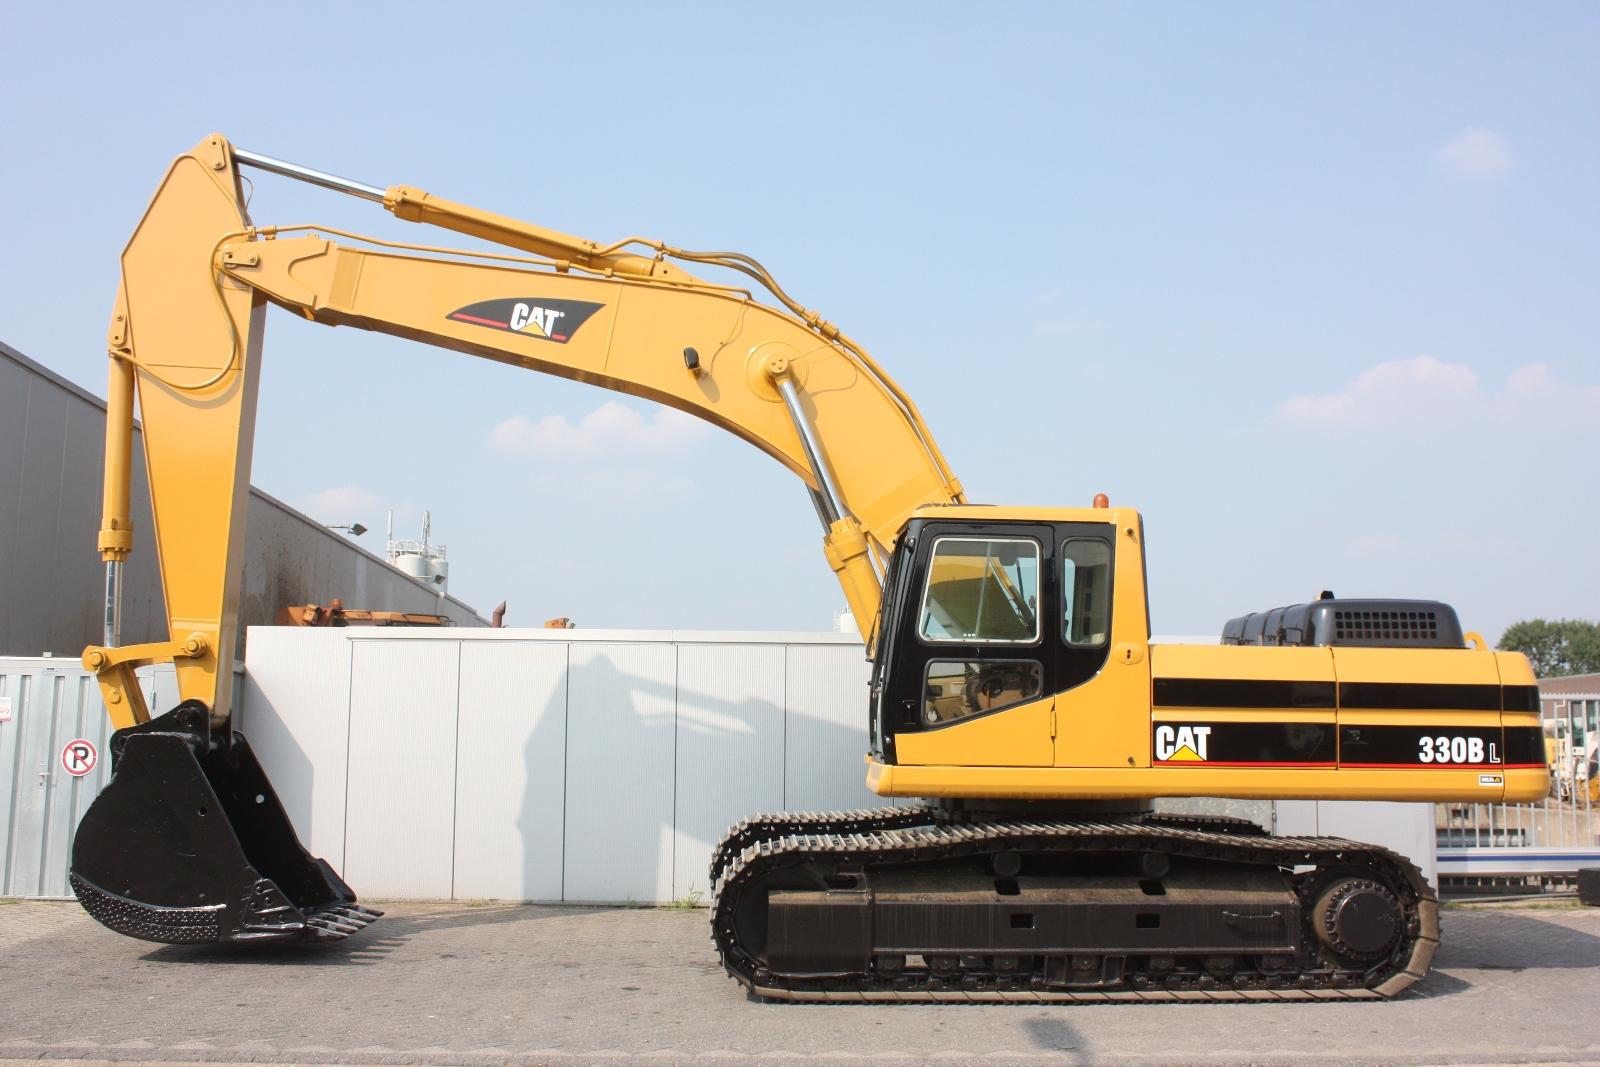 Caterpillar 330bl 2001 Excavator Tracks Van Dijk Heavy Equipment